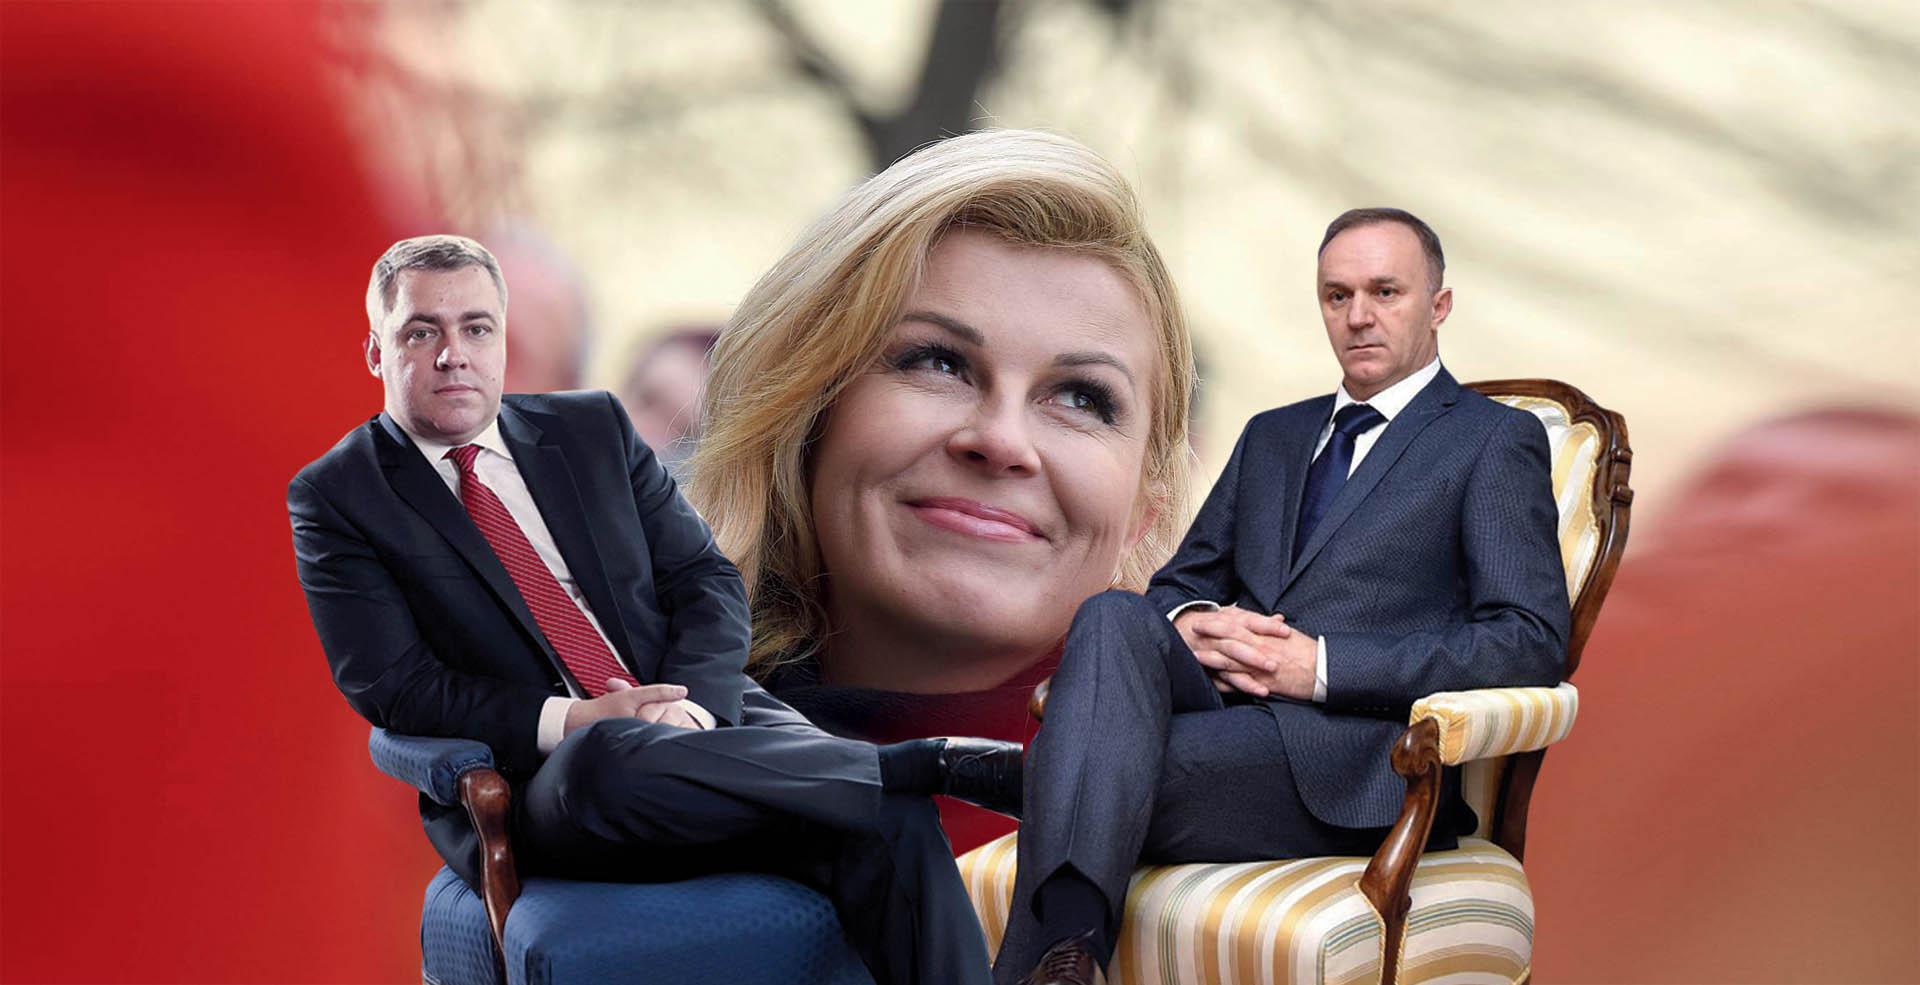 EKSKLUZIVNO Savjetnici Grabar-Kitarović Radeljić i Galić pravi su vladari Pantovčaka